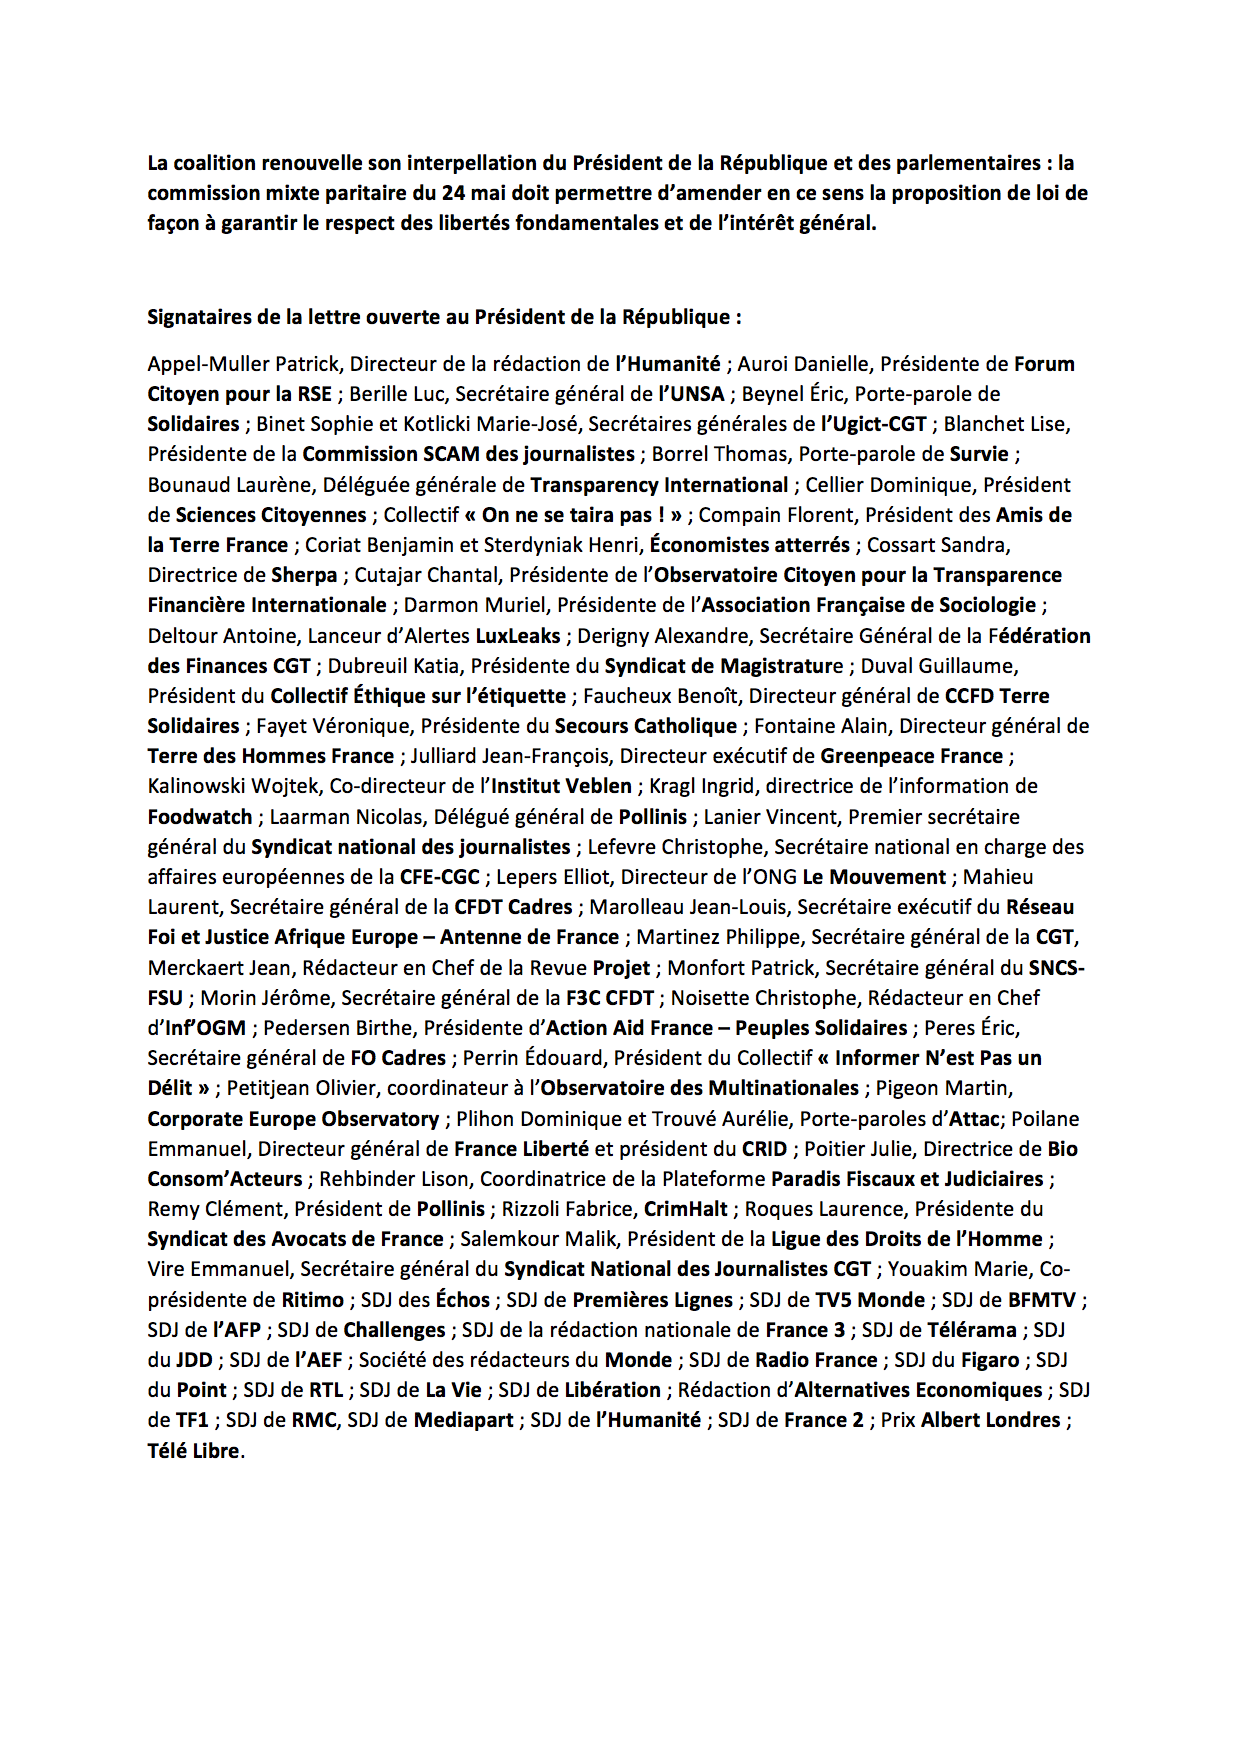 20180515-cp-secret-des-affaires-action-unitaire-spectaculaire-pour-interpeller-emmanuel-macron-et-les-parlementaires-2-glissees